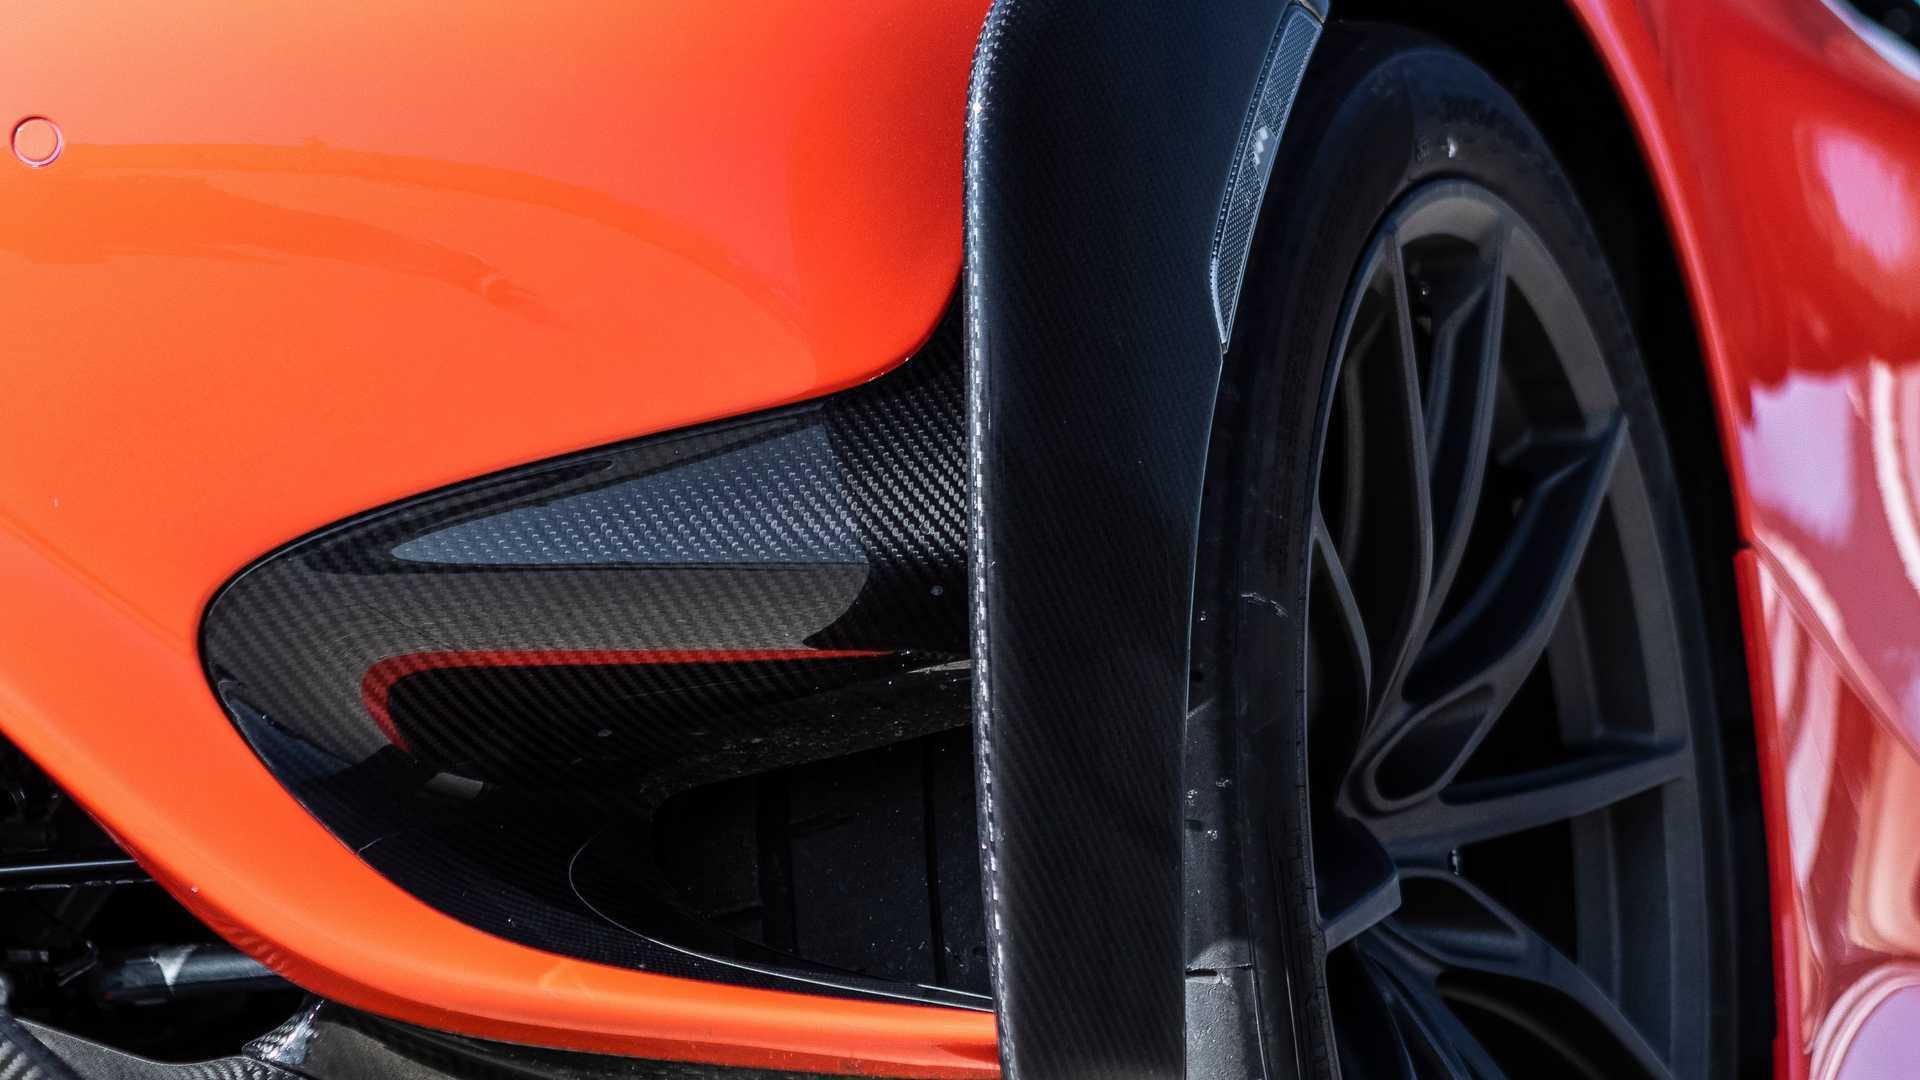 2021 McLaren 765LT brake duct